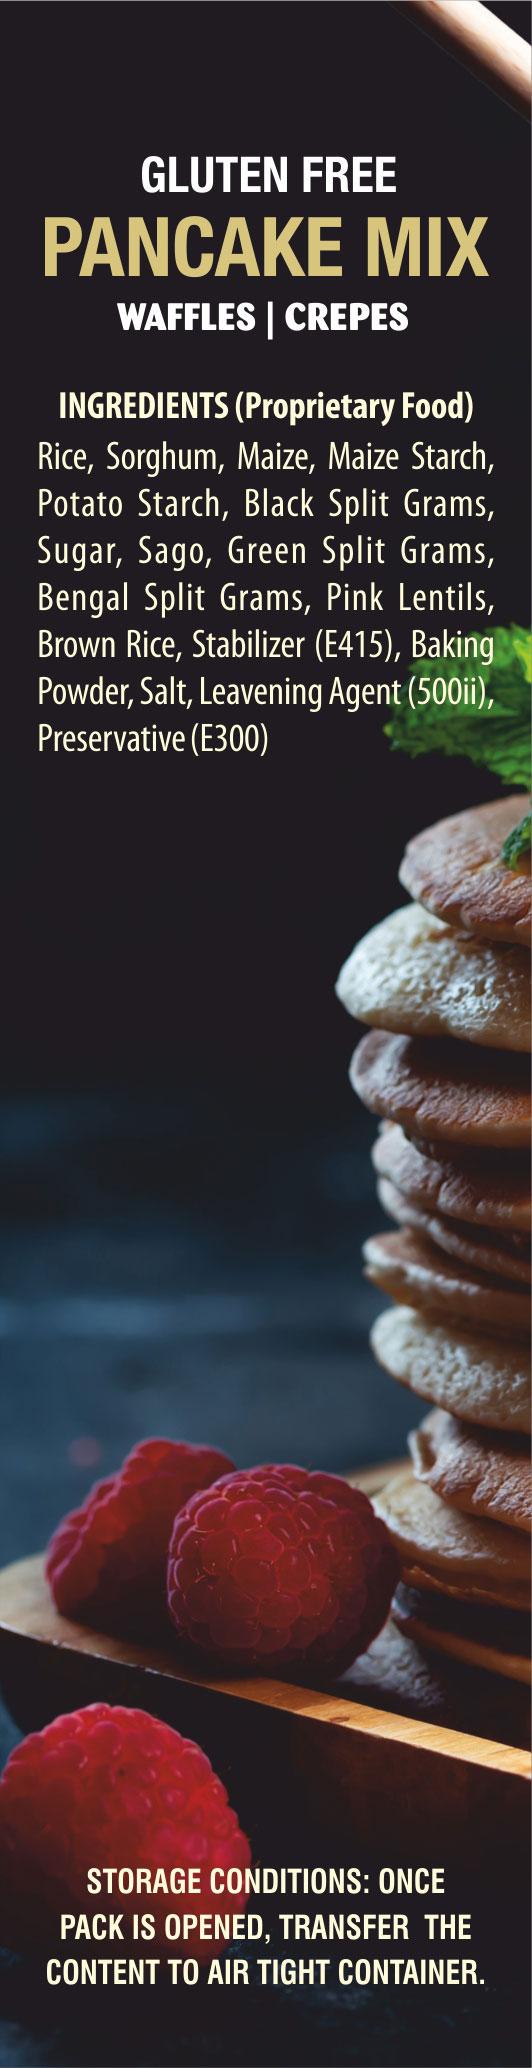 Wheafree Gluten Free Pancake Mix, Waffle Mix, Crepe Mix, Premix, Batter